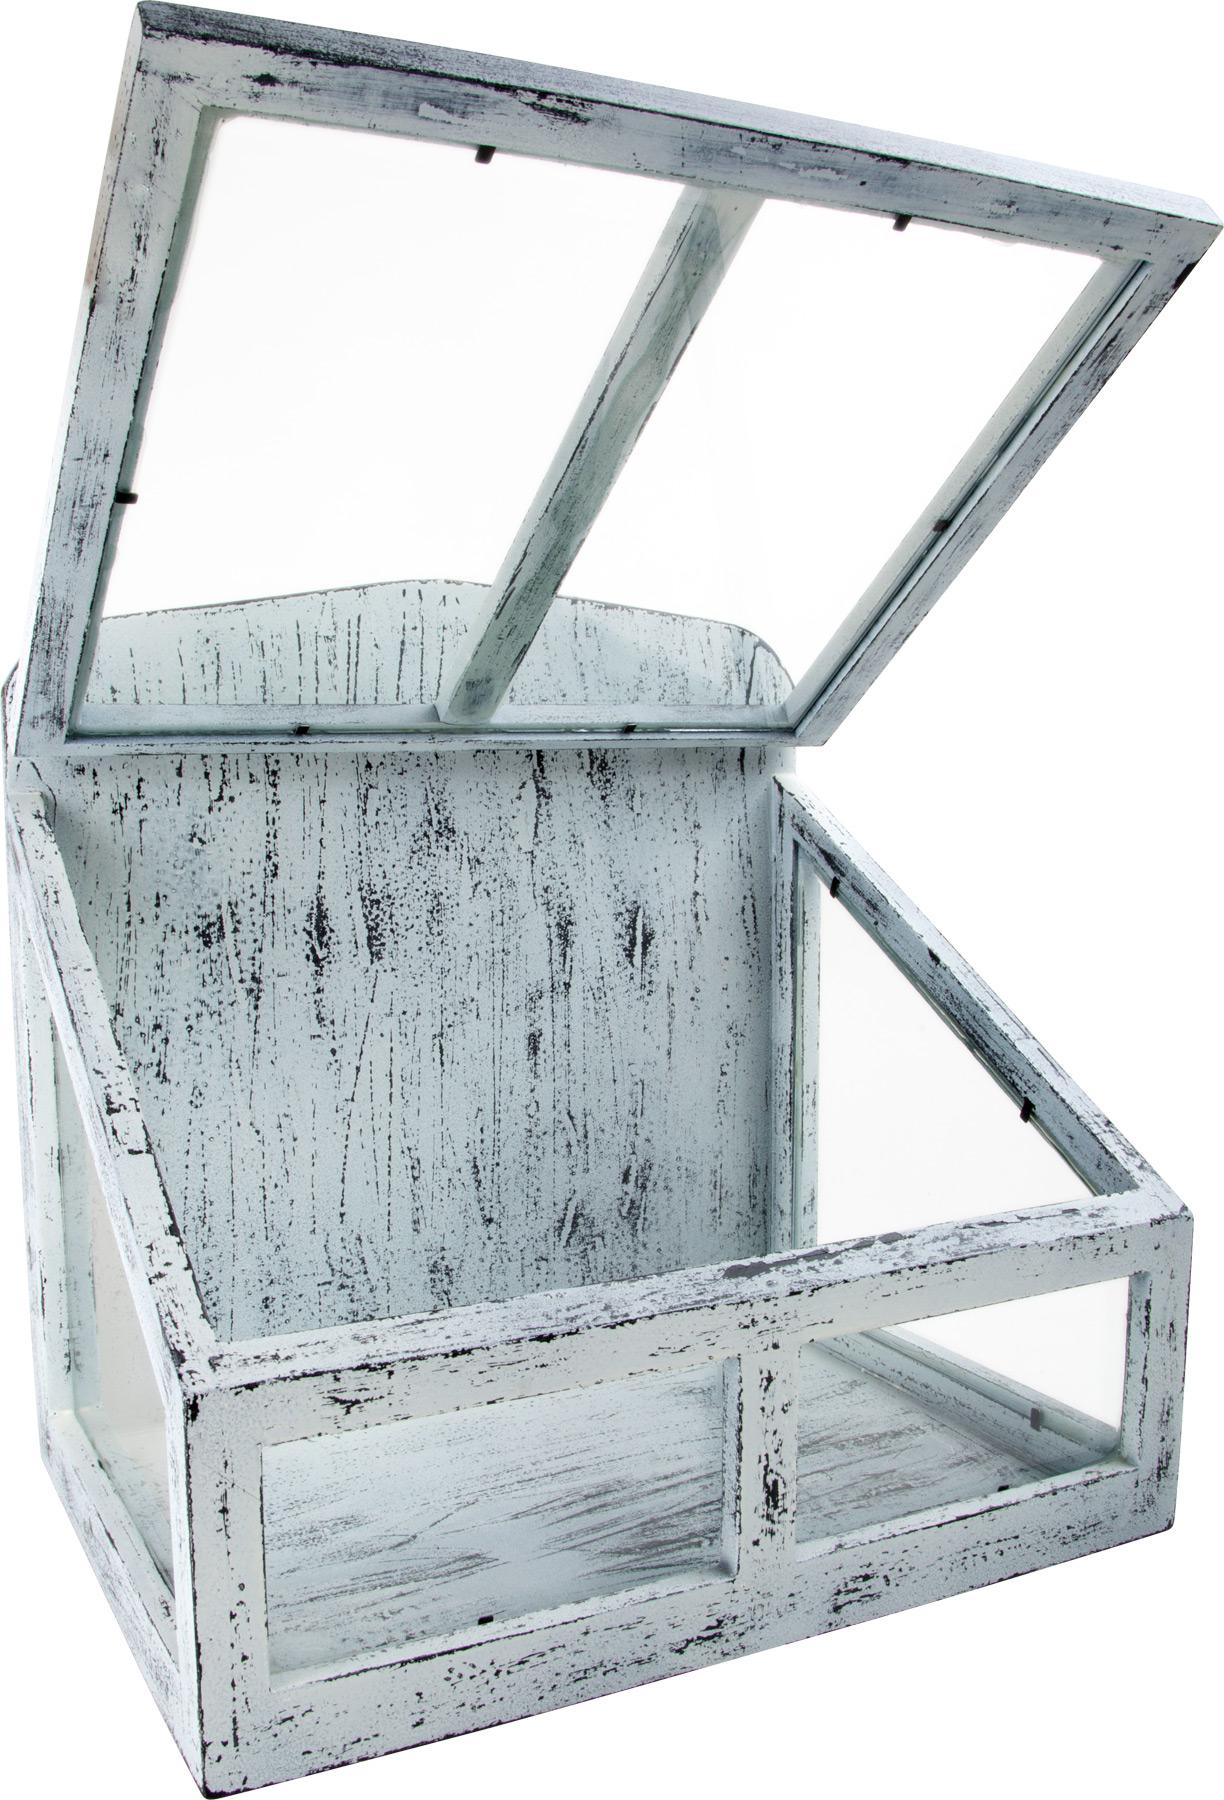 gew chshaus klimakammer shabby chic f r die fensterbank ebay. Black Bedroom Furniture Sets. Home Design Ideas